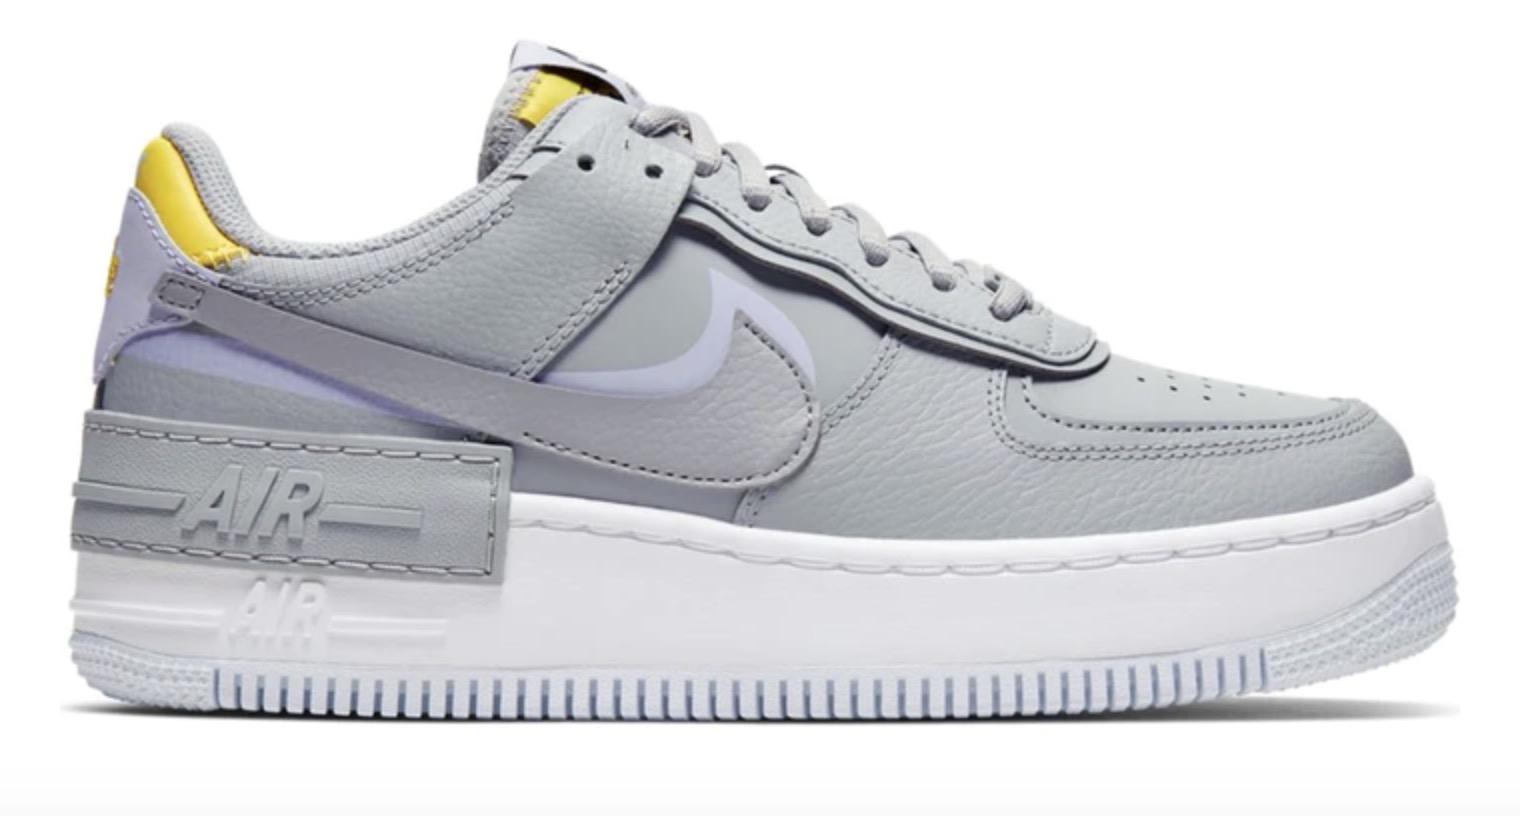 Nike Air Force 1 Shadow Wolf Grey